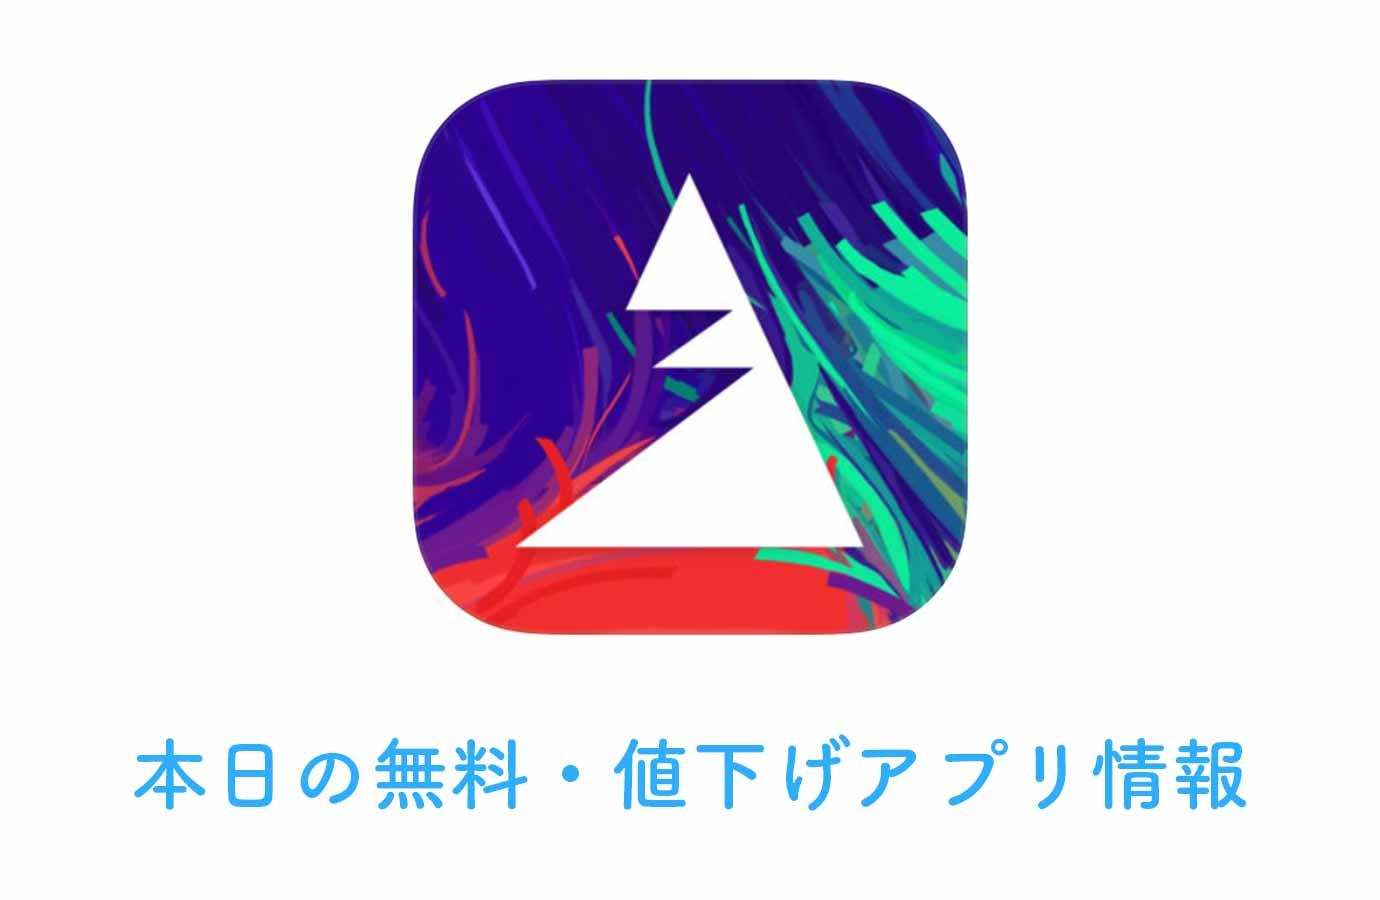 480円→無料!アーティスティックなフィルターが特徴の写真加工アプリ「Trigraphy」など【3/26】本日の無料・値下げアプリ情報